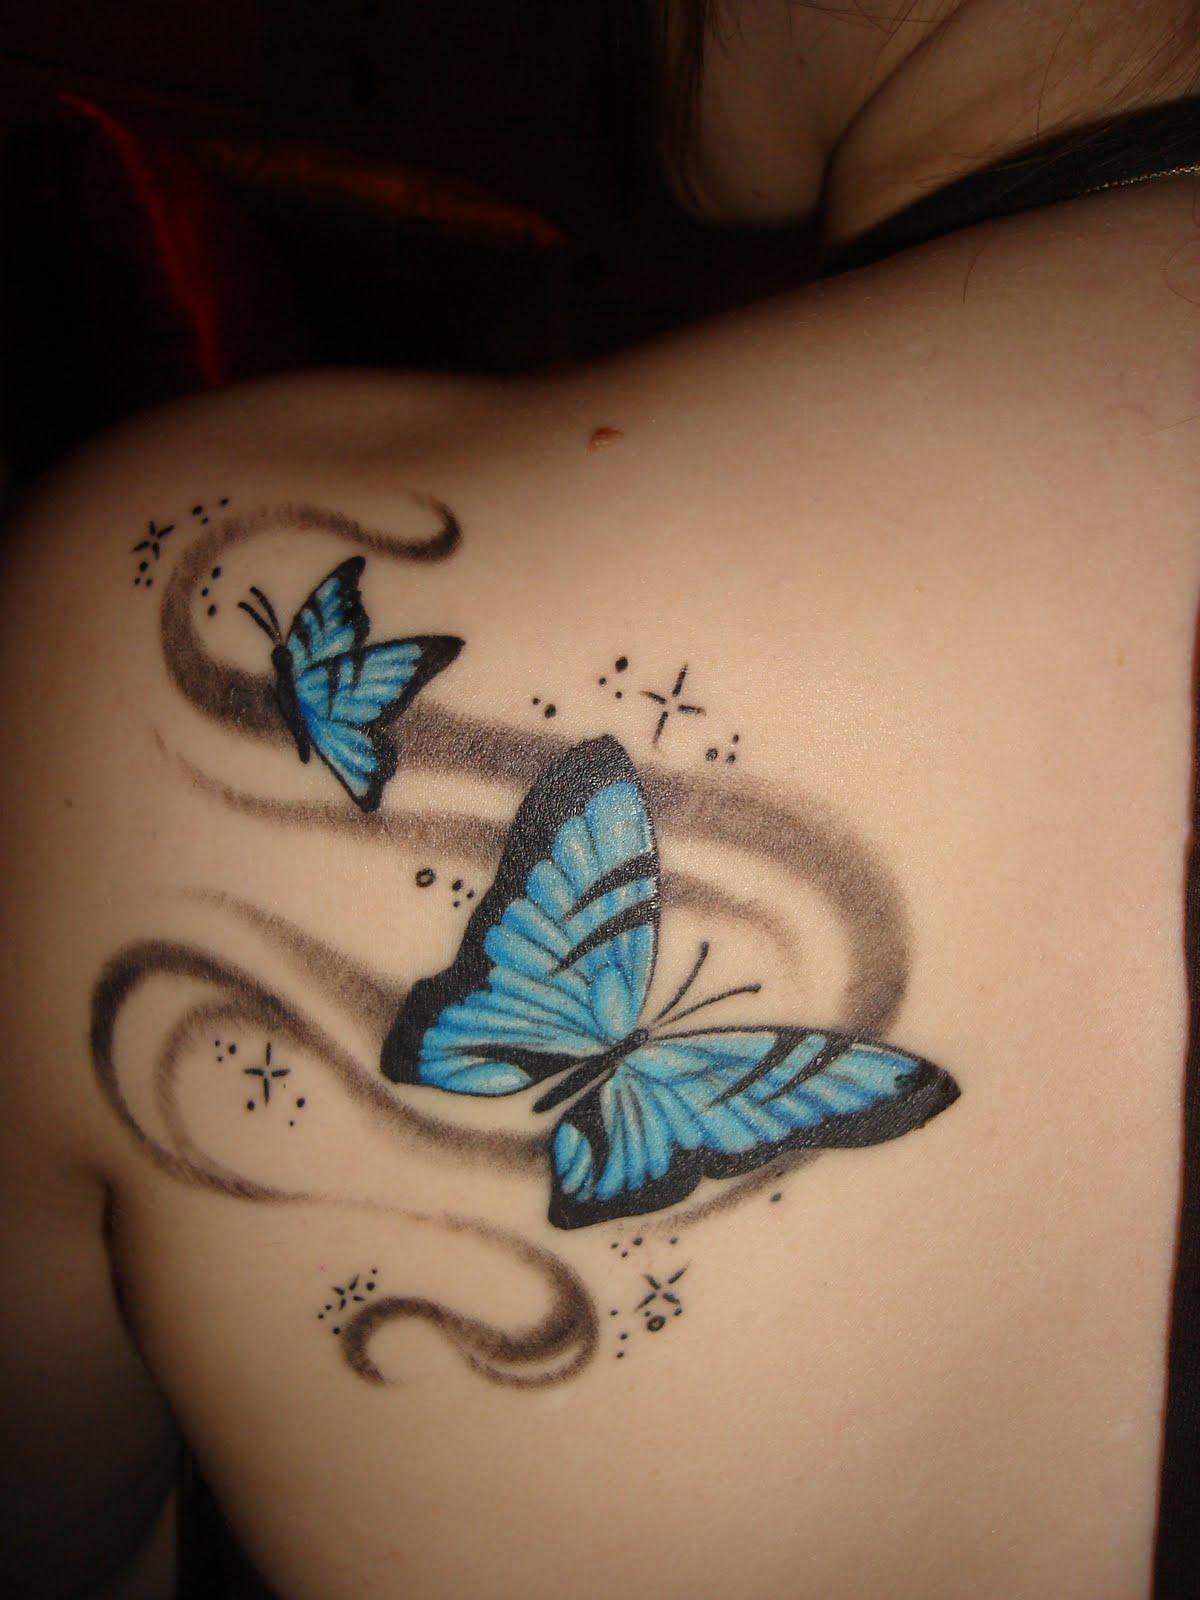 http://3.bp.blogspot.com/-Fl-faQ-PNMA/TnOM30edl8I/AAAAAAAAAO8/tGJmCp9js6Y/s1600/Tatouages%20papillon%20pour%20femmes%20-%20galeriedetatouage.blogspot.com-Butterfly%20Tattoo%20Design%202.jpg